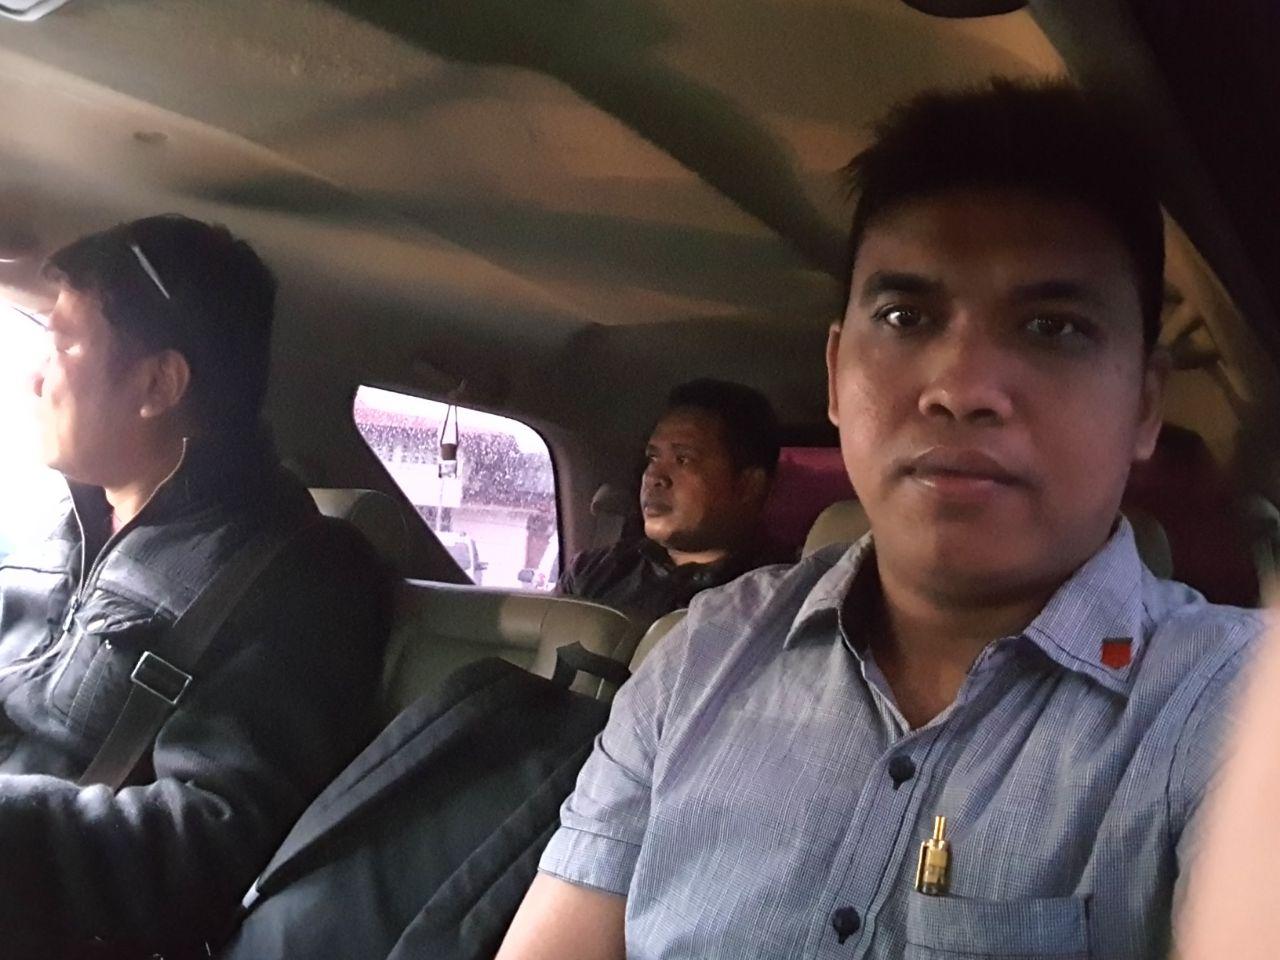 Tersangka MA (belakang) Dijemput Tim Opsnal Tipikor Ditreskrimsus Polda Papua Barat di Bandara Rendani Manokwari, Rabu (28/02/2018)